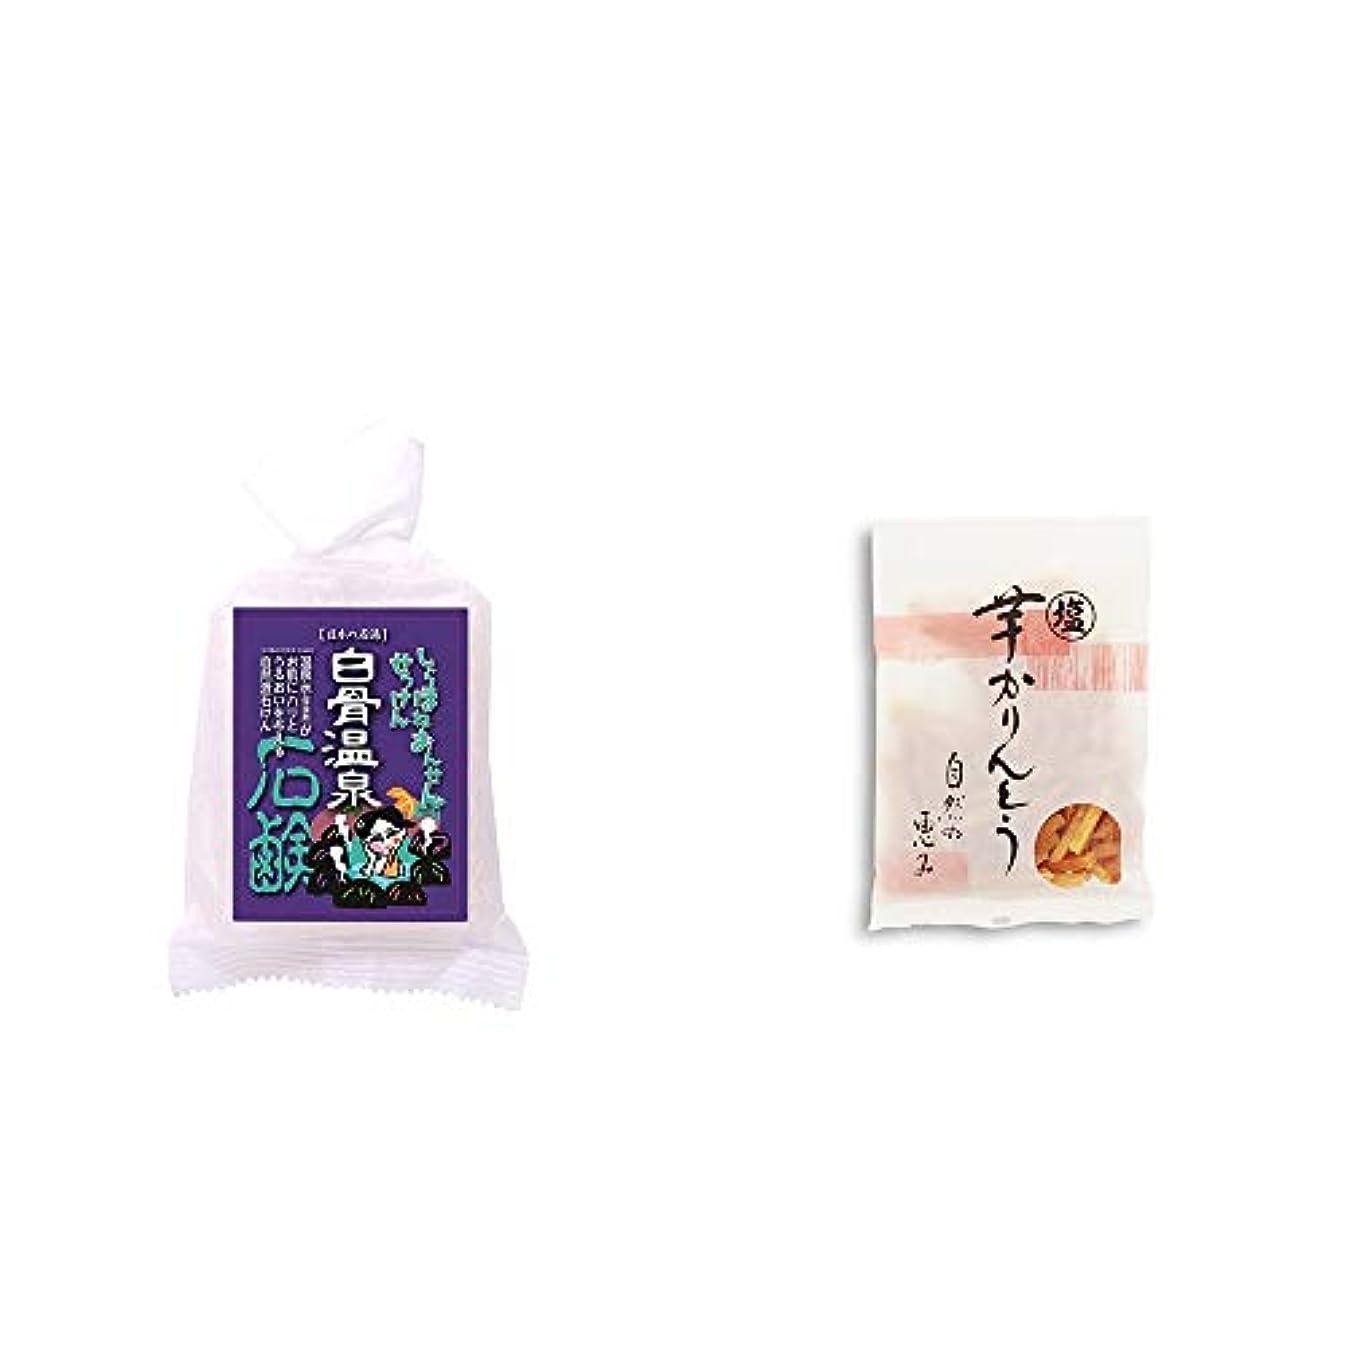 難しい行動霧[2点セット] 信州 白骨温泉石鹸(80g)?塩芋かりんとう(150g)